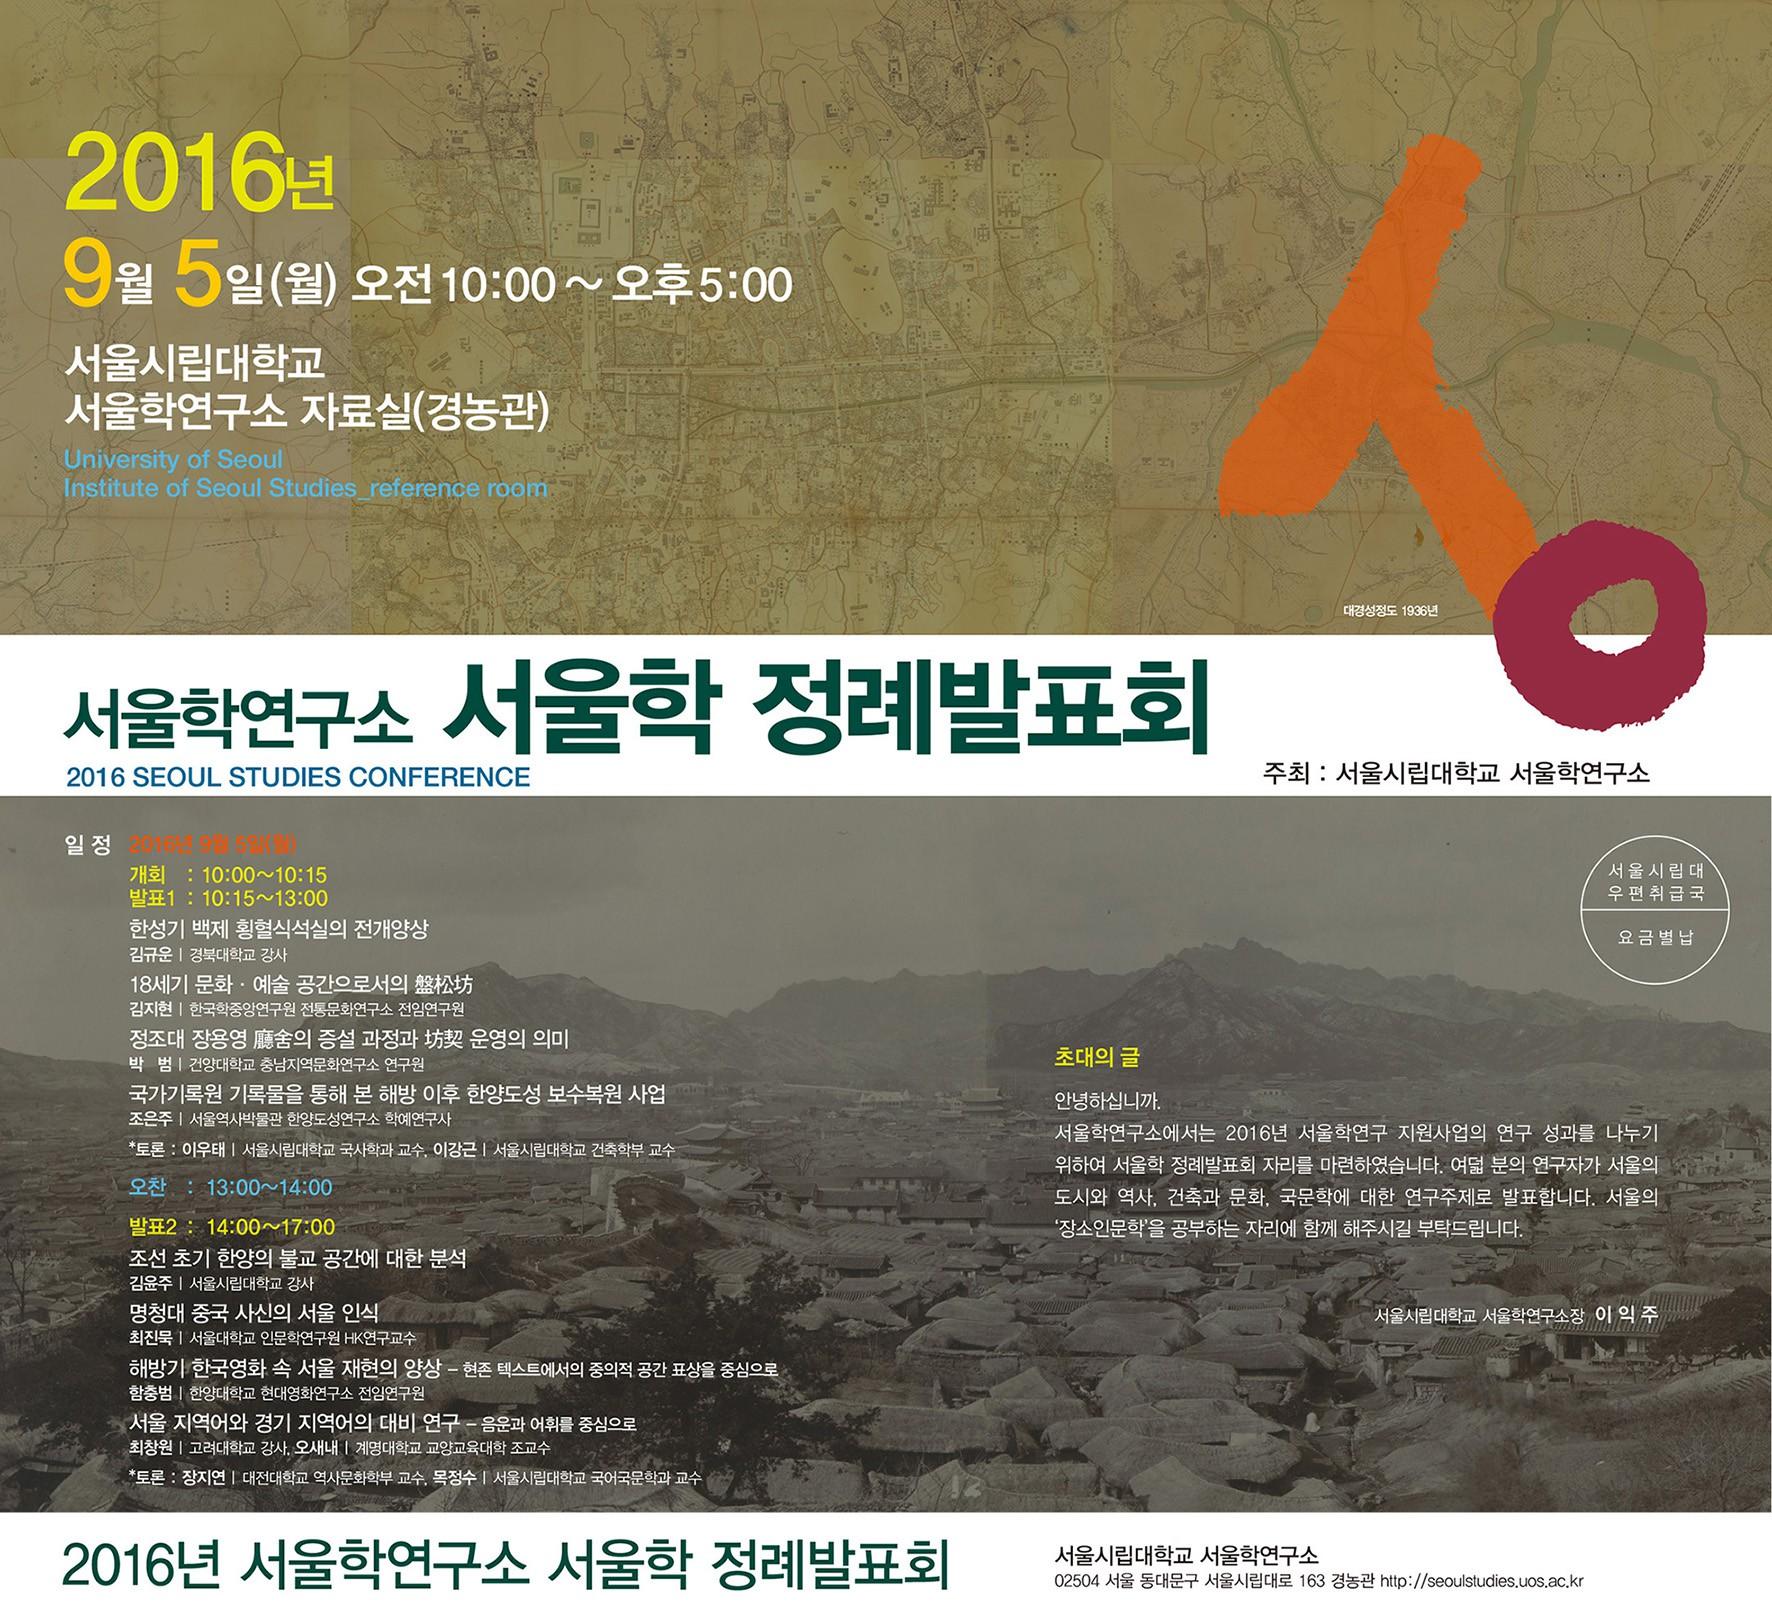 2016년도 서울학정례발표회 초청장 (1).jpg